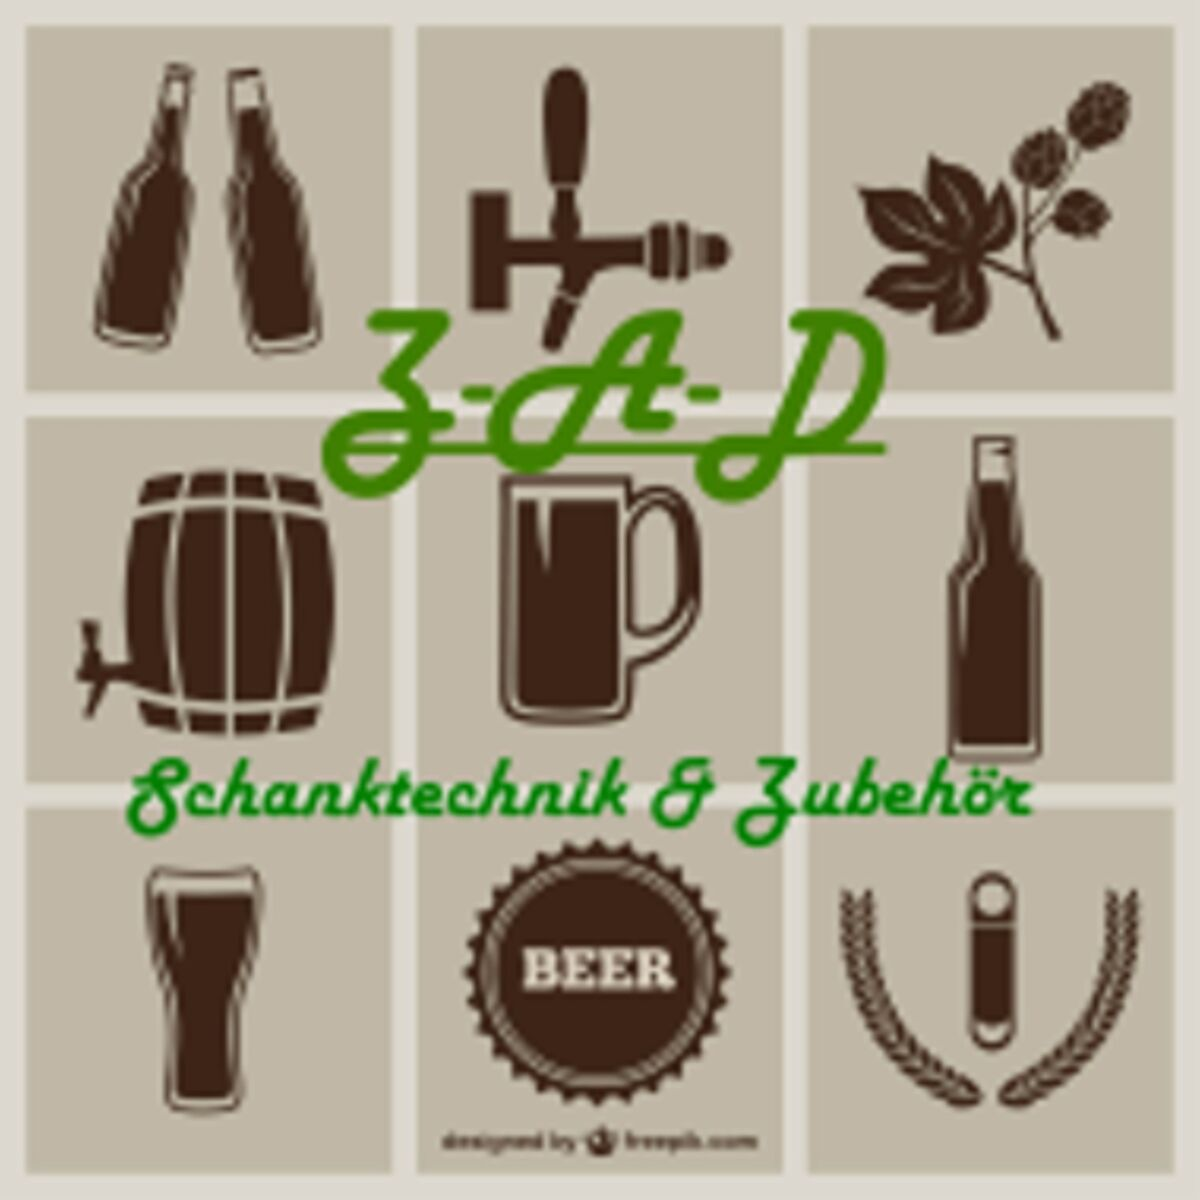 ZAD-SCHANKTECHNIK